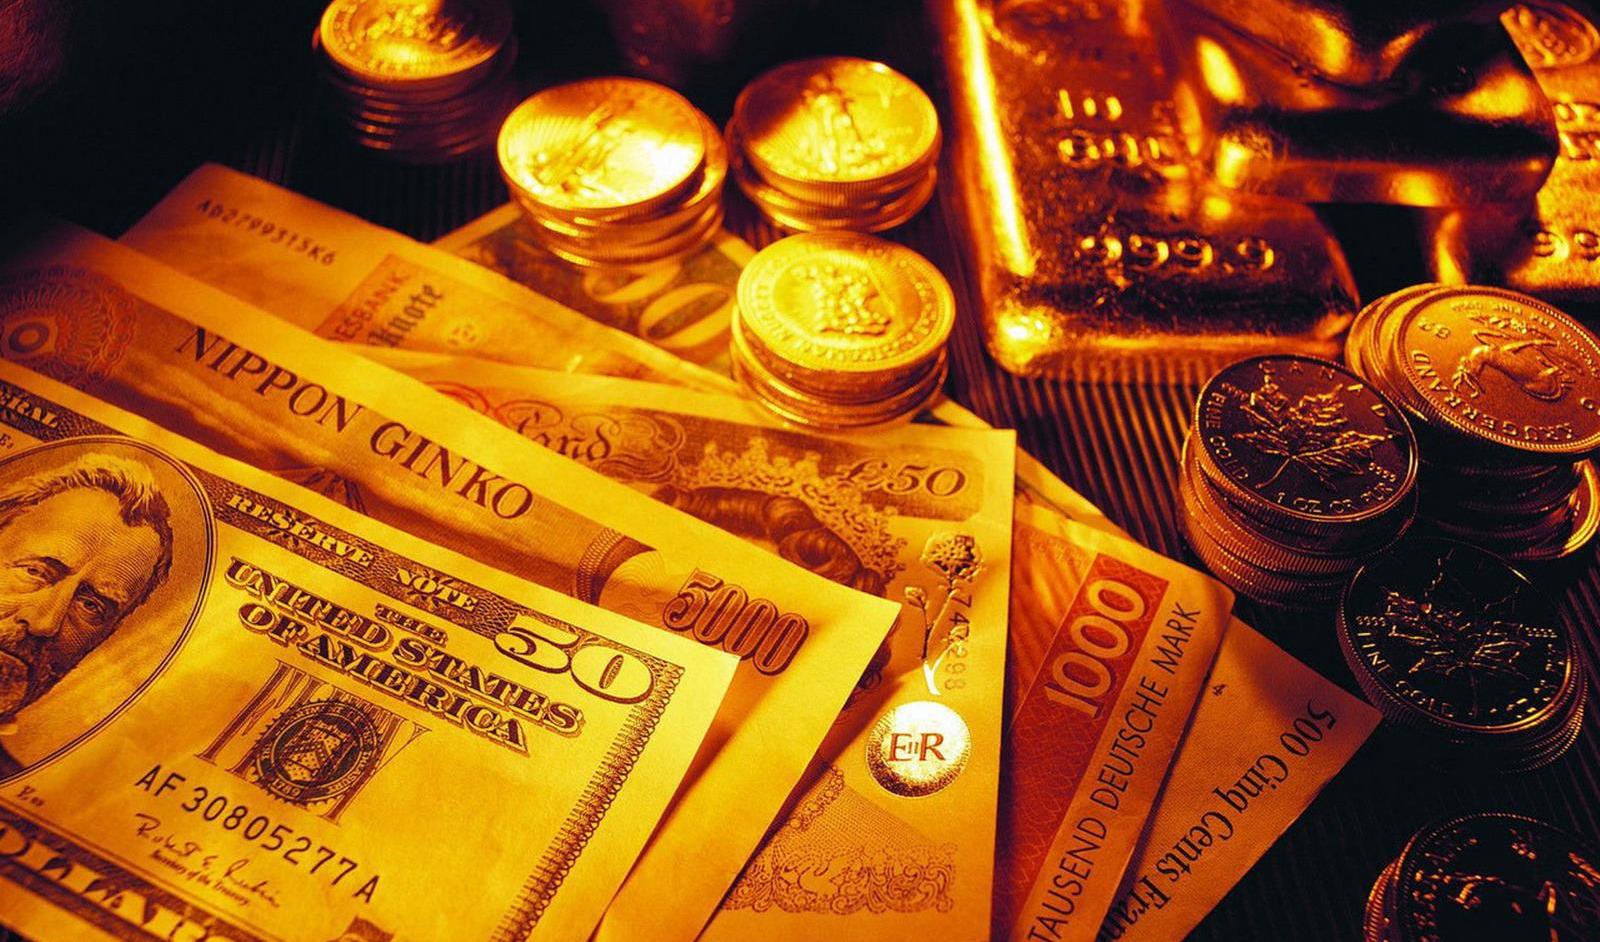 تحلیل برنامه اقتصادی جدید دولت / ذخایر طلا جایگزین ذخایر ارزی خواهد شد؟